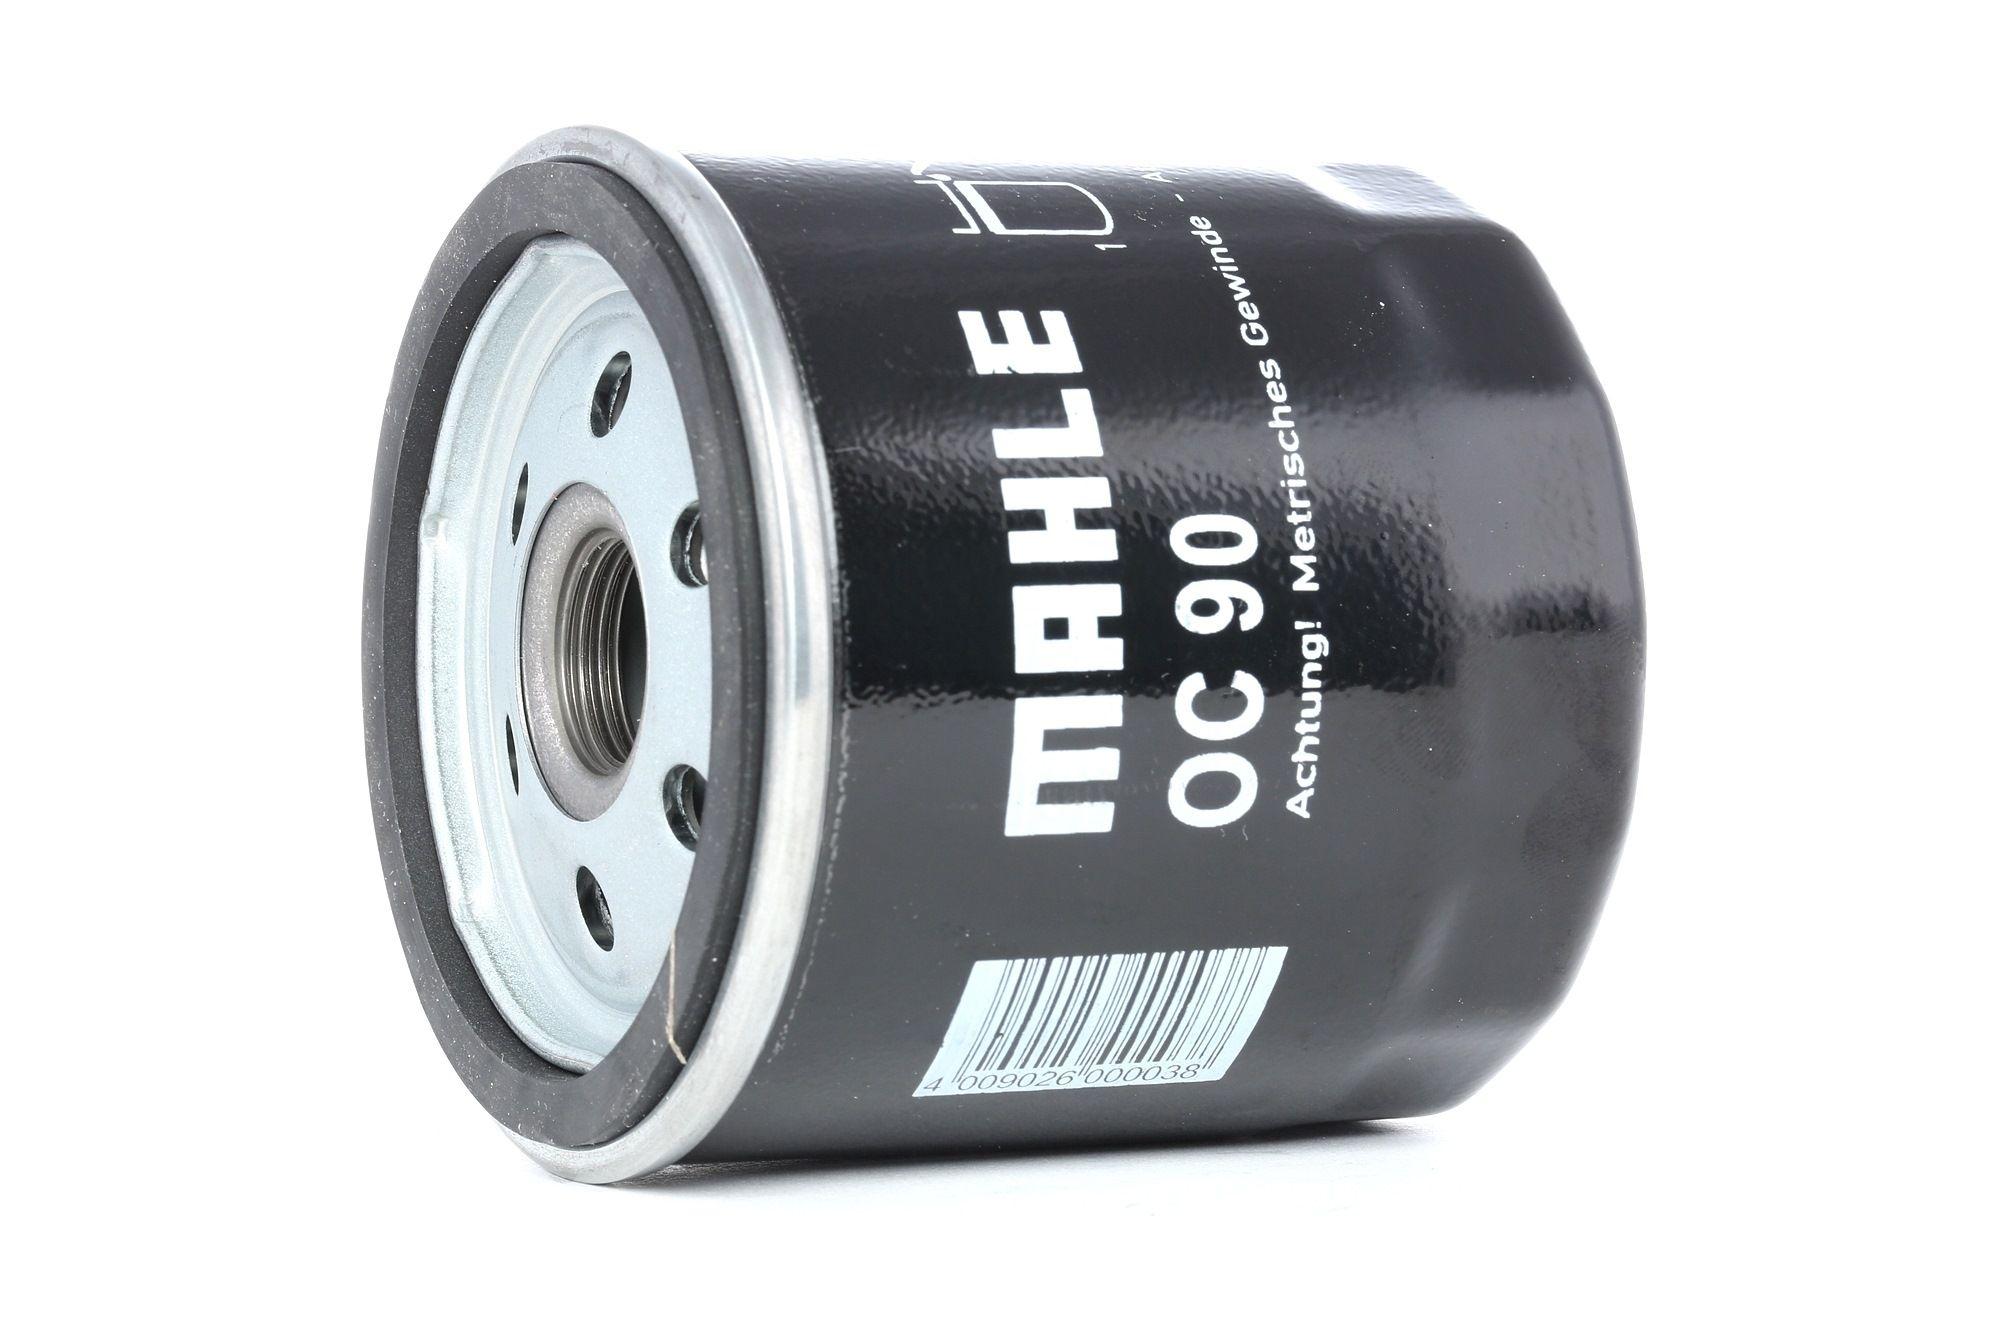 Маслен филтър OC 90 за OPEL ASCONA на ниска цена — купете сега!